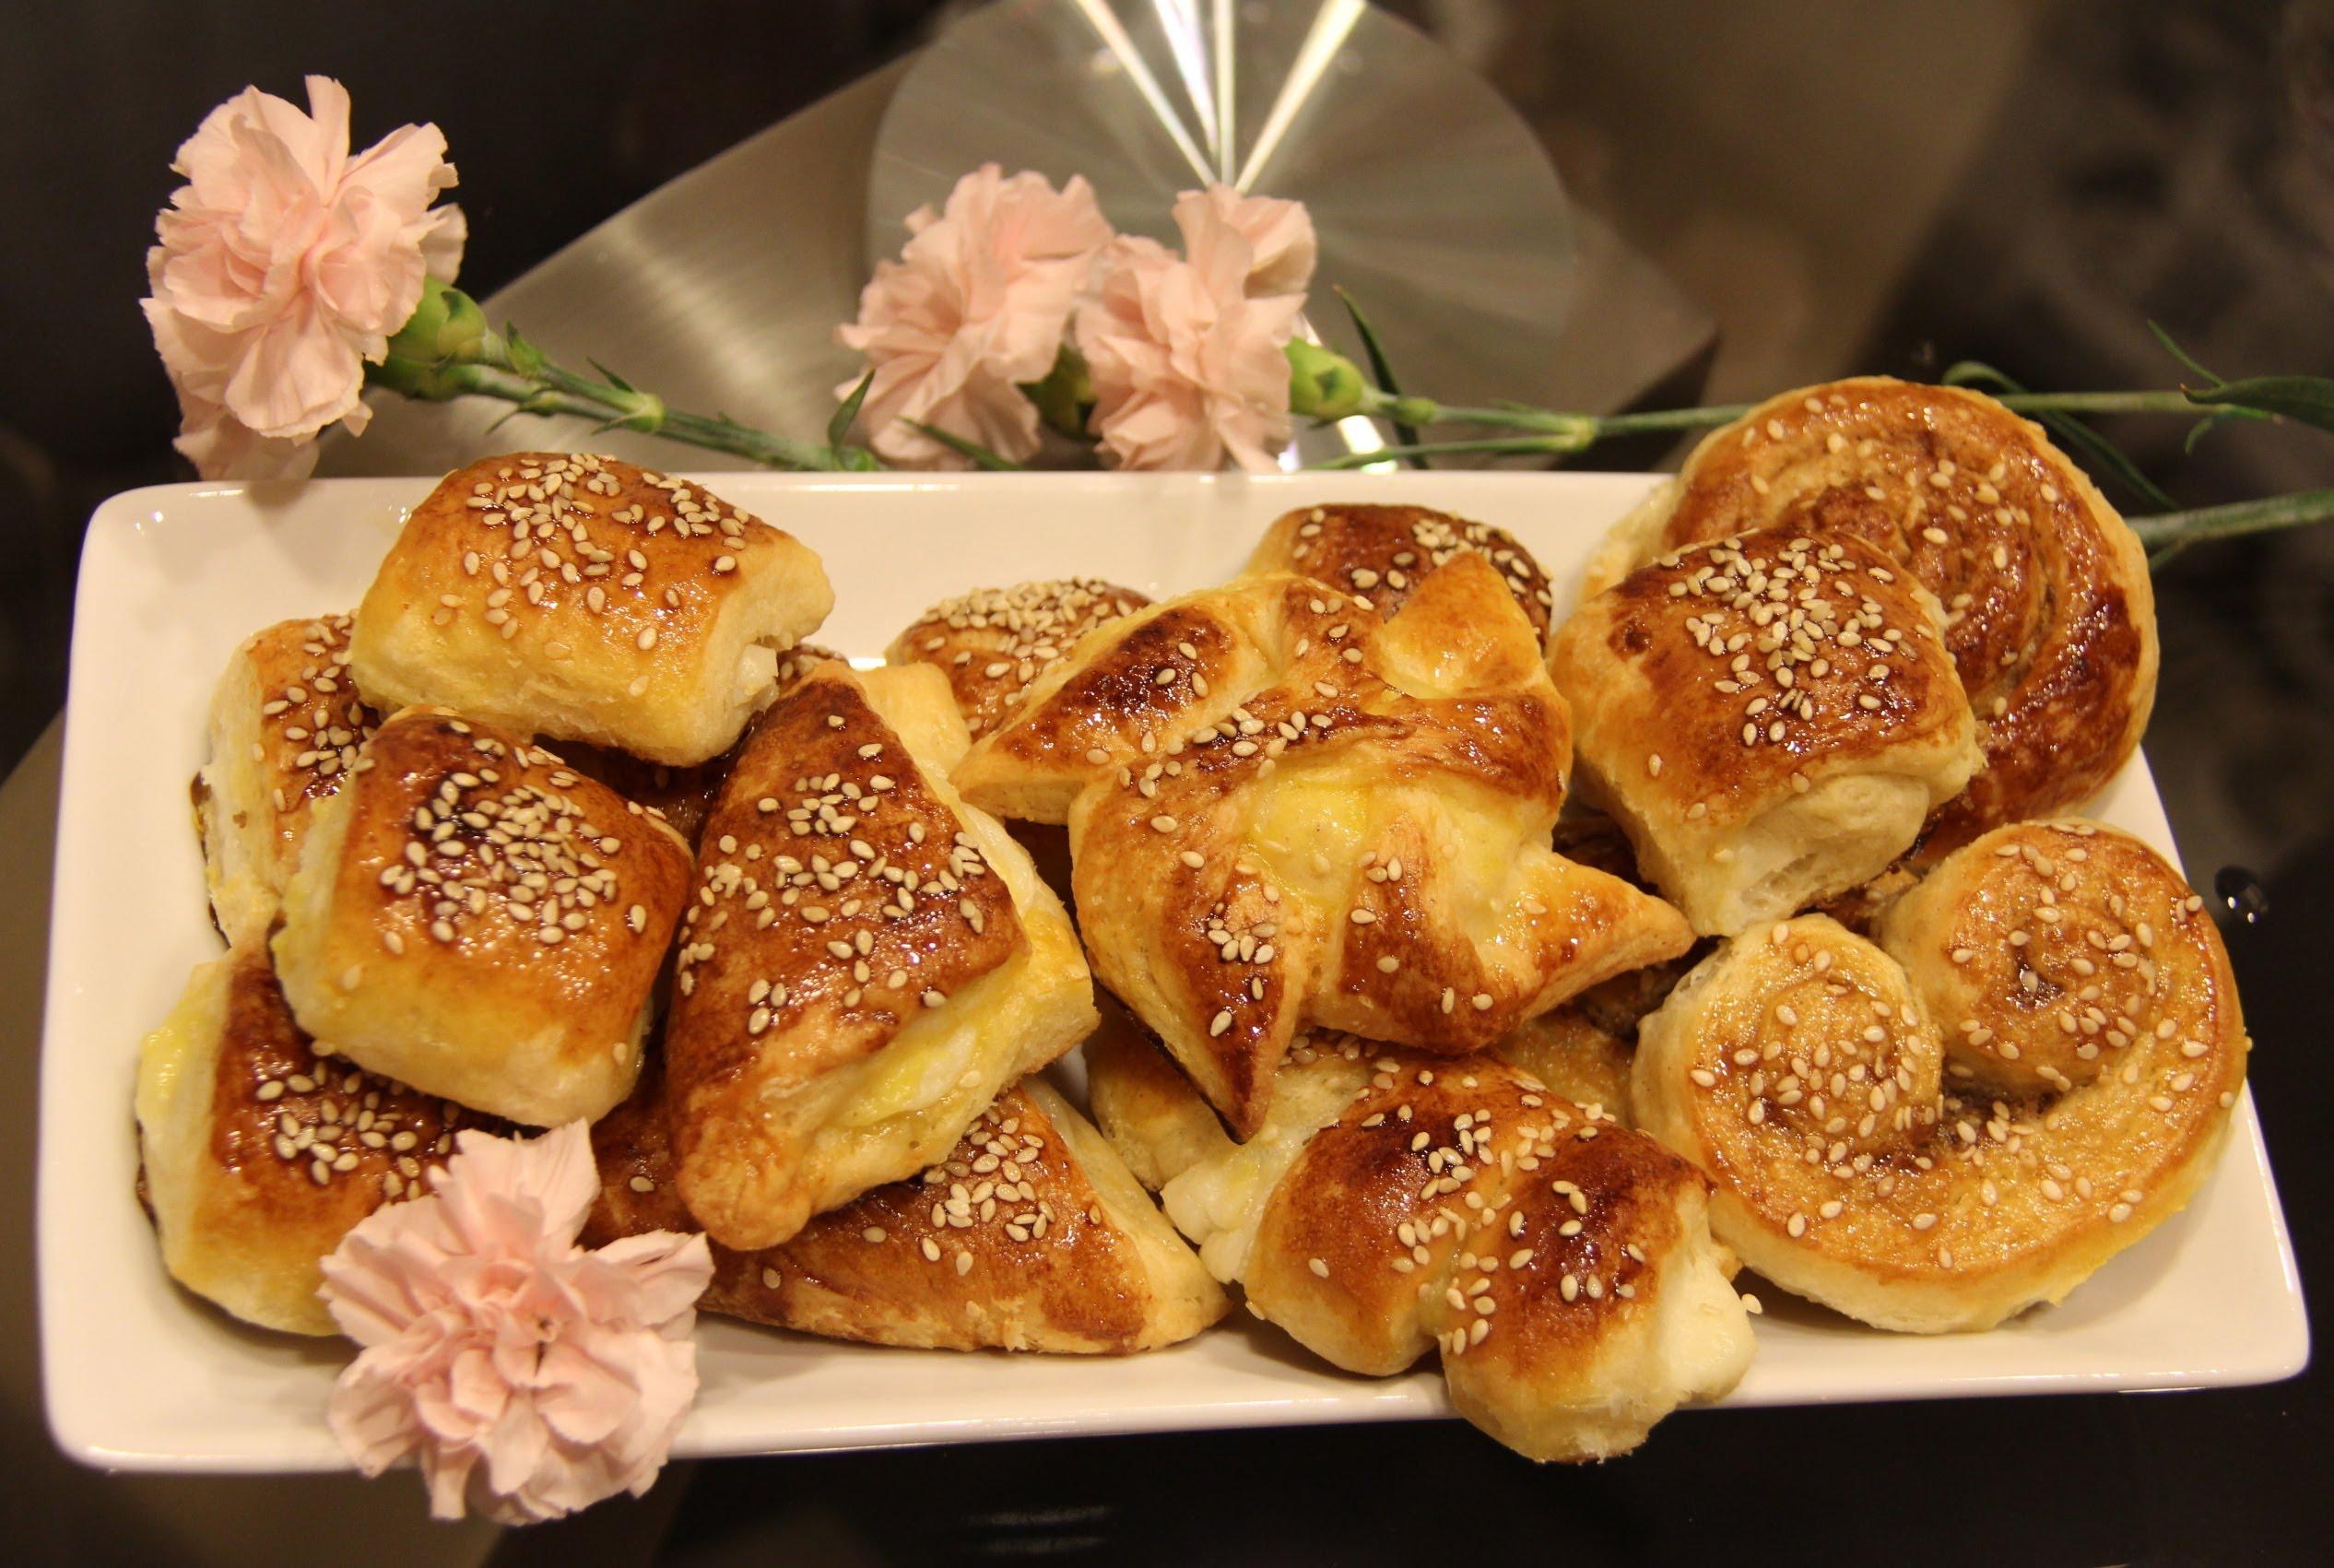 طرز تهیه شیرینی دانمارکی خانگی با کرم مخصوص